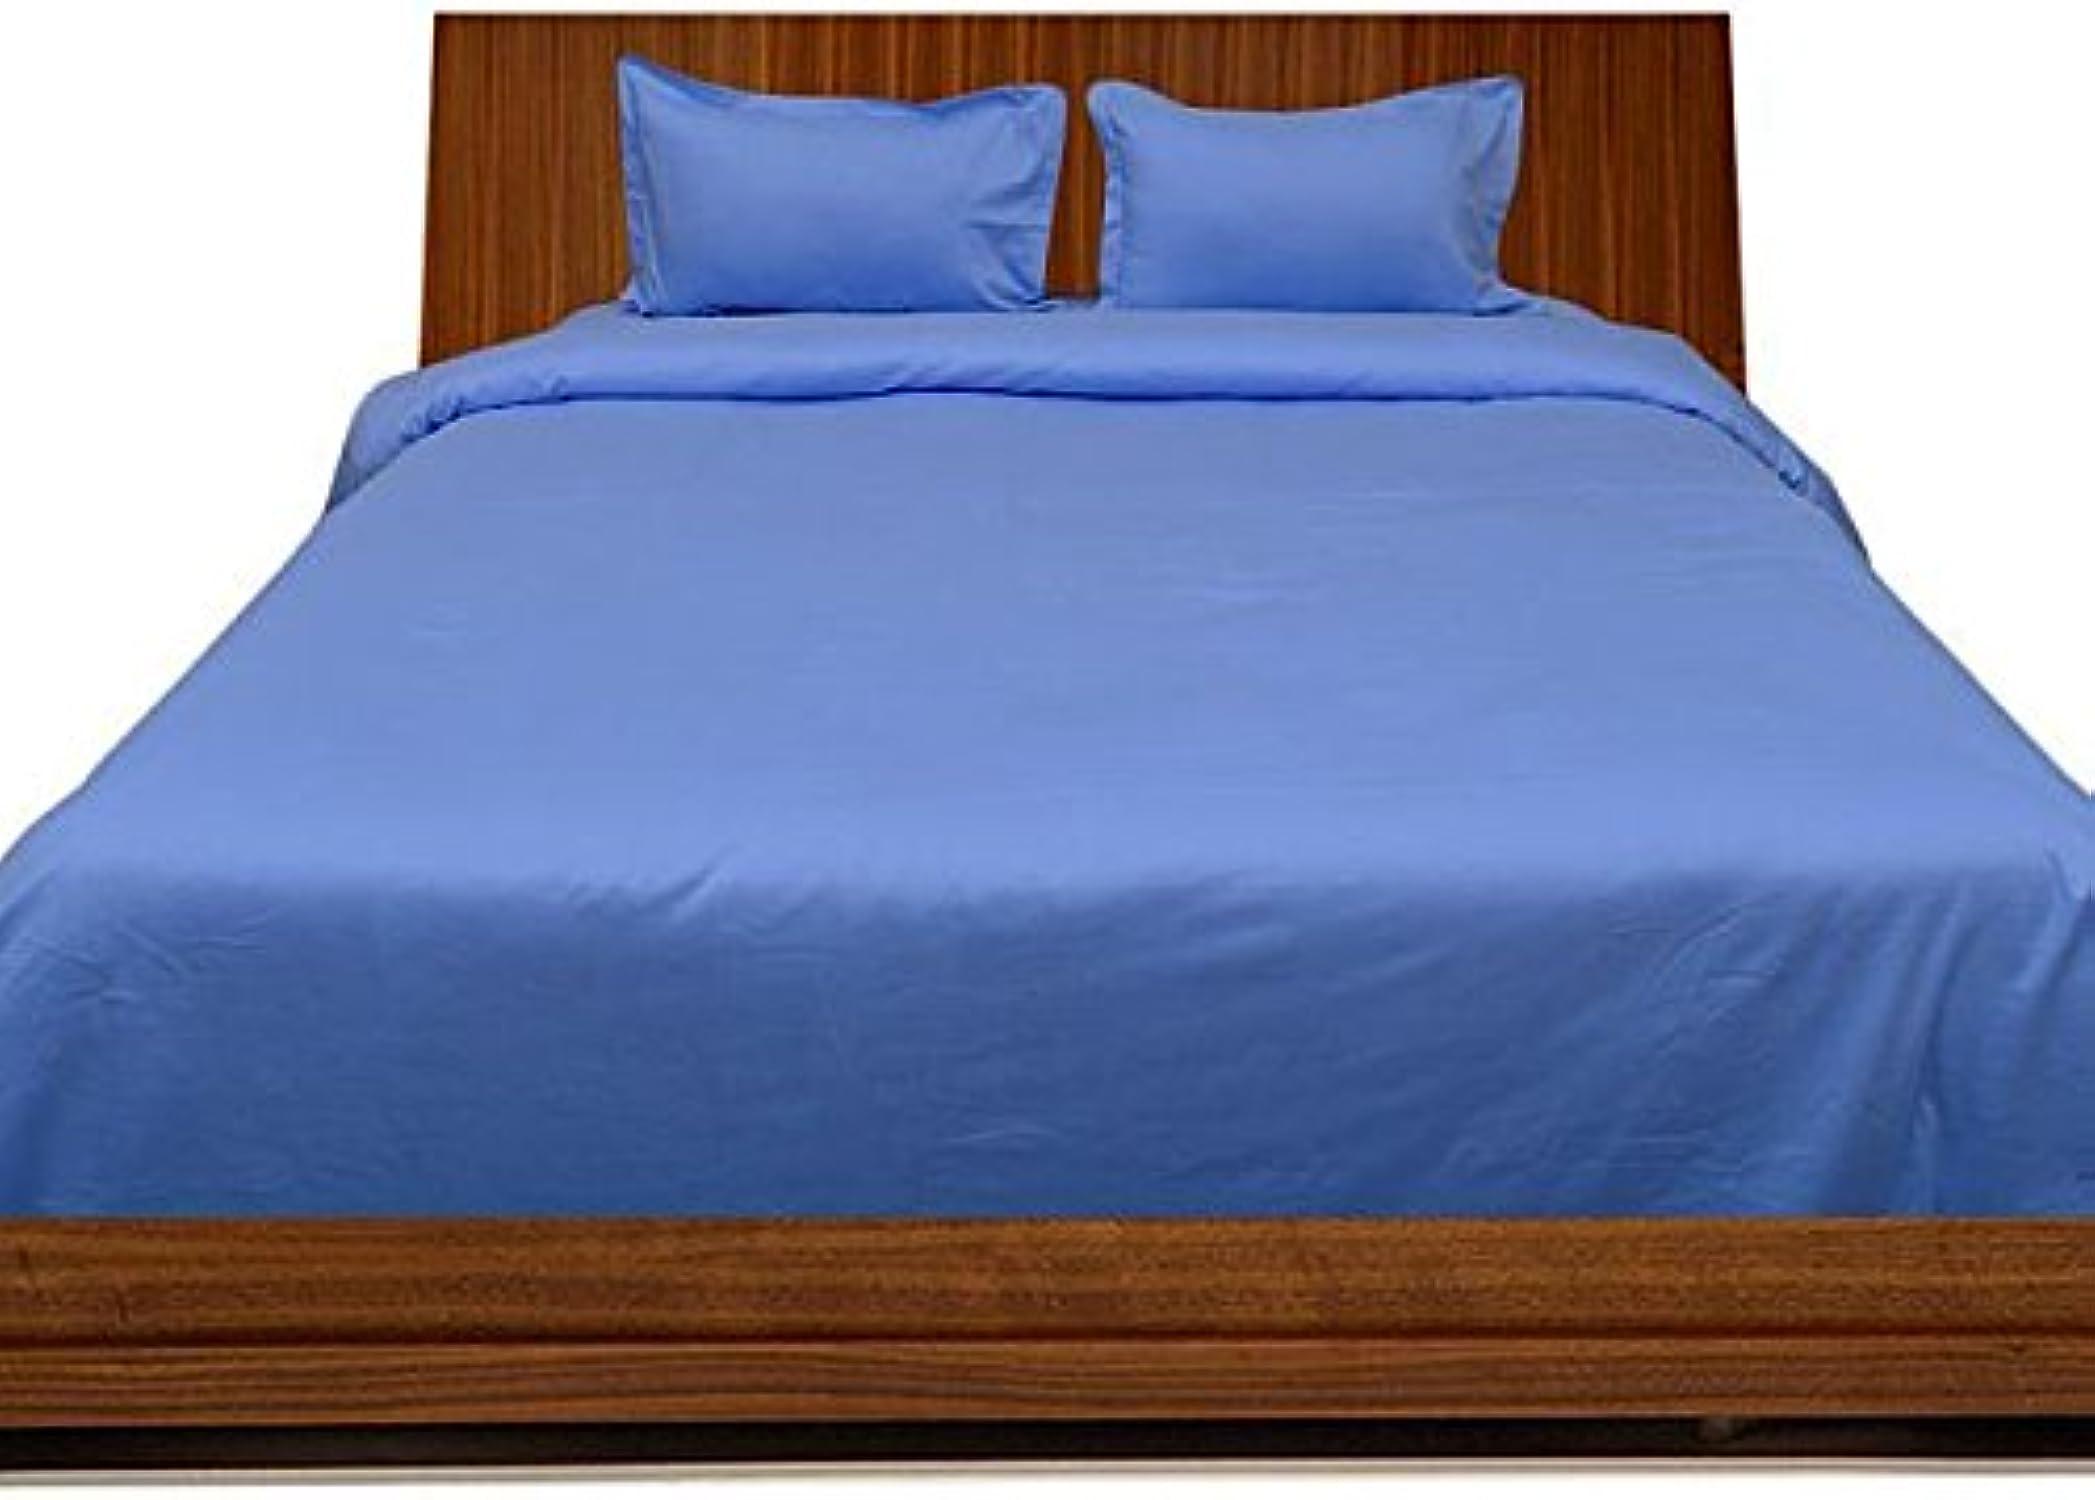 Scala Parure de lit en Coton égypcravaten 350Fils 66cm Poche Profonde de Feuille avec Une extrême Taie d'oreiller UK King Bleu Ciel Solide 100% Coton 350tc